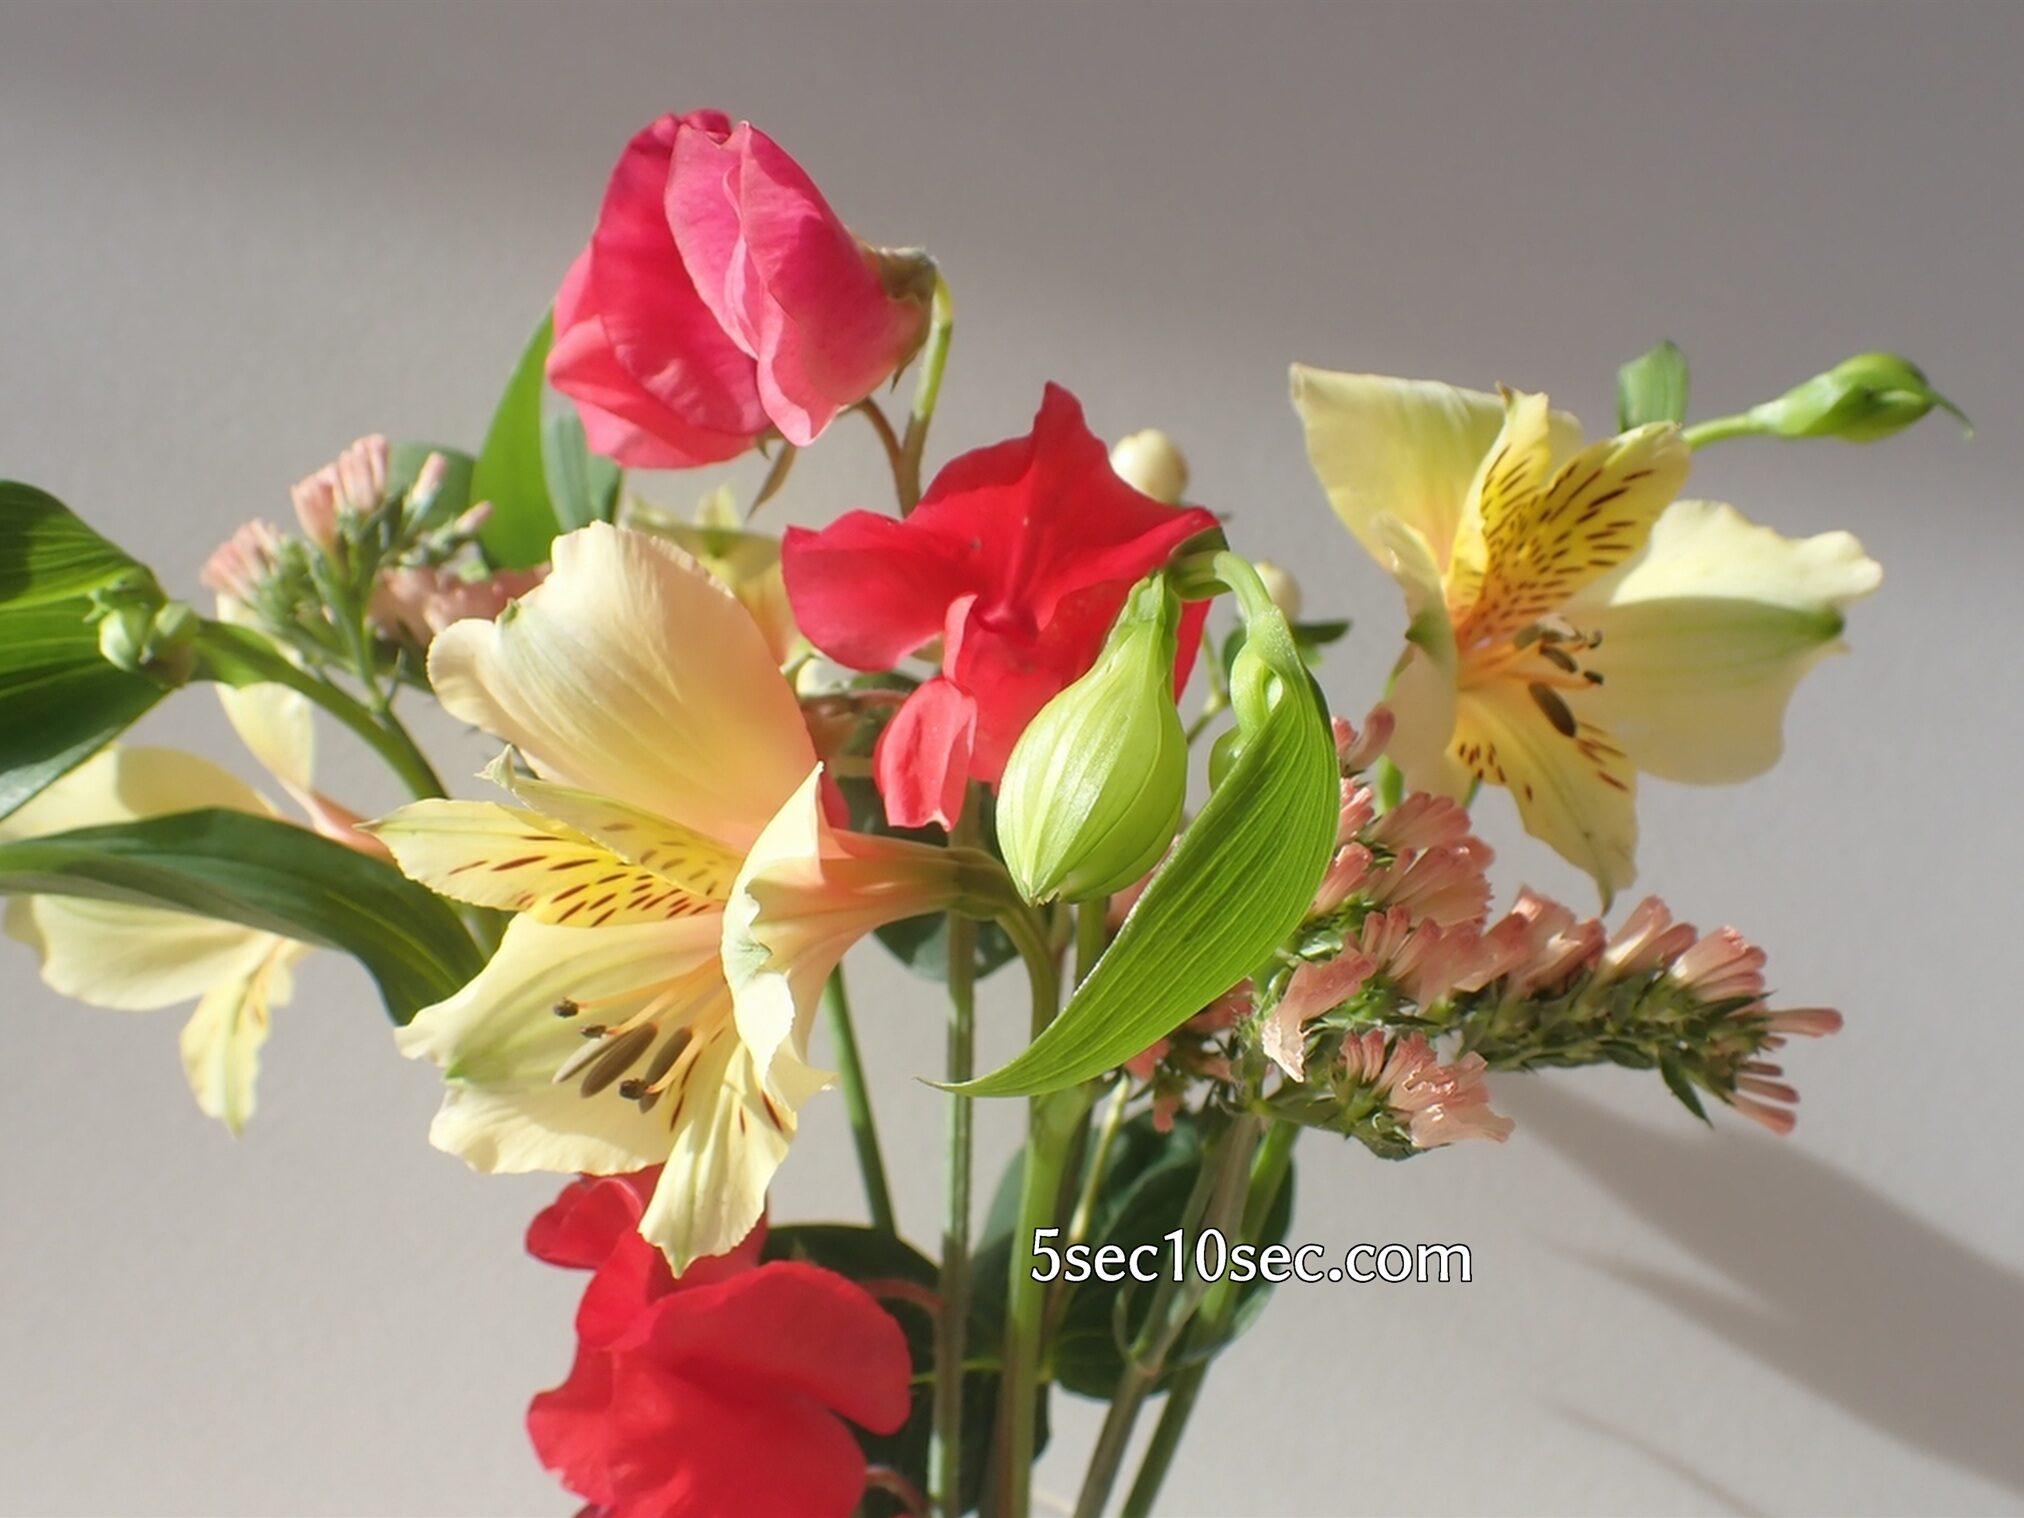 Bloomee LIFE(ブルーミーライフ)レギュラープラン アルストロメリアはお花も良いけどつぼみもかわいい